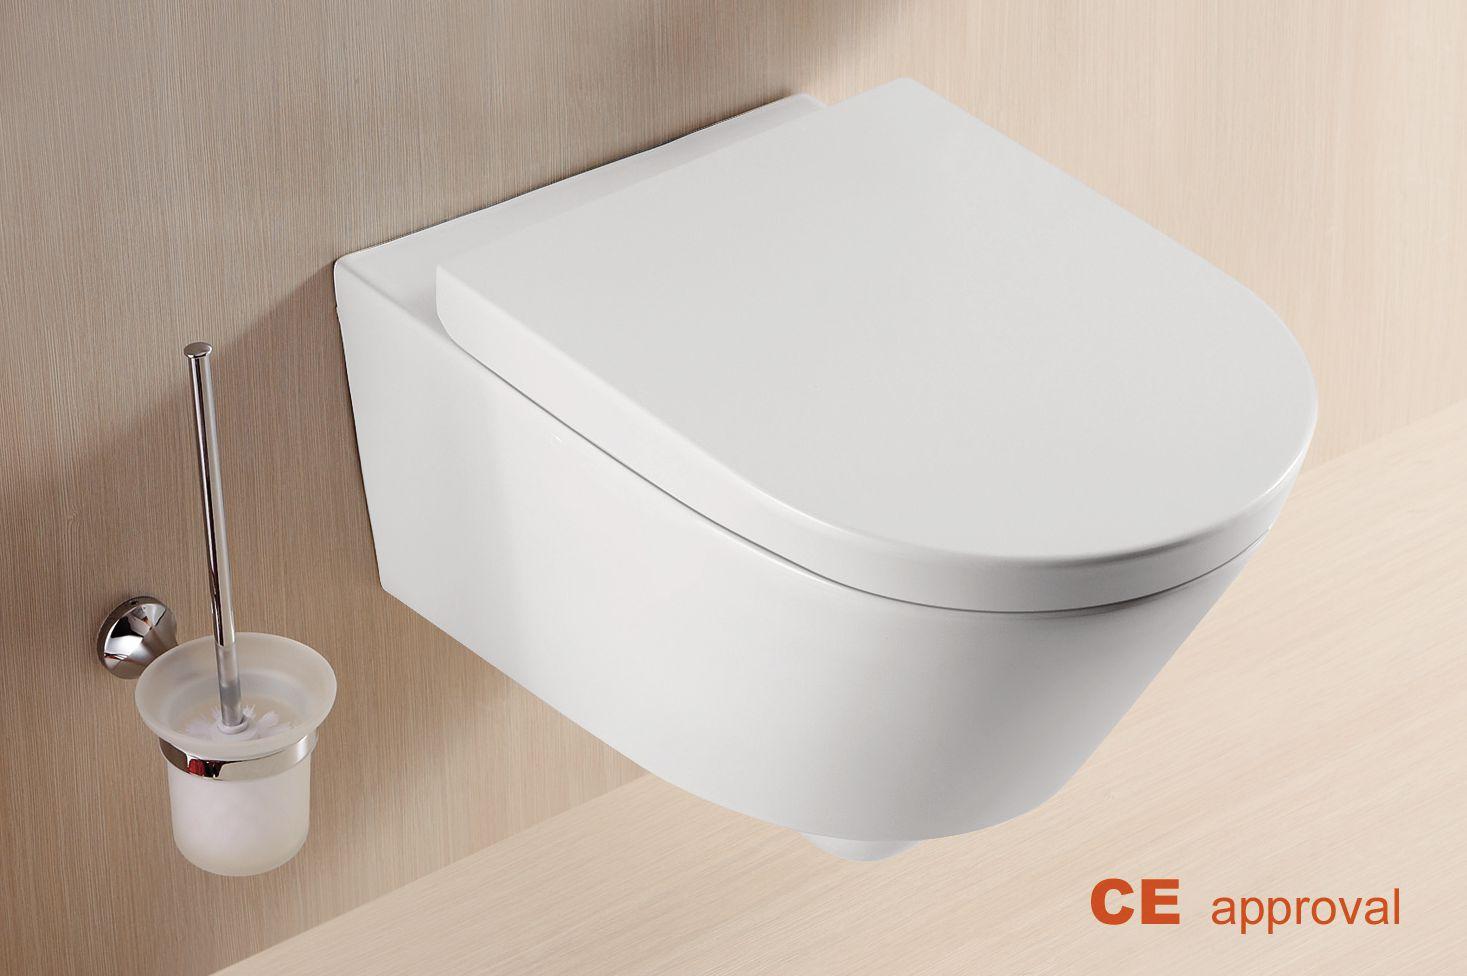 Wc Pot Kopen.Metro Toilet Pot Met Bril